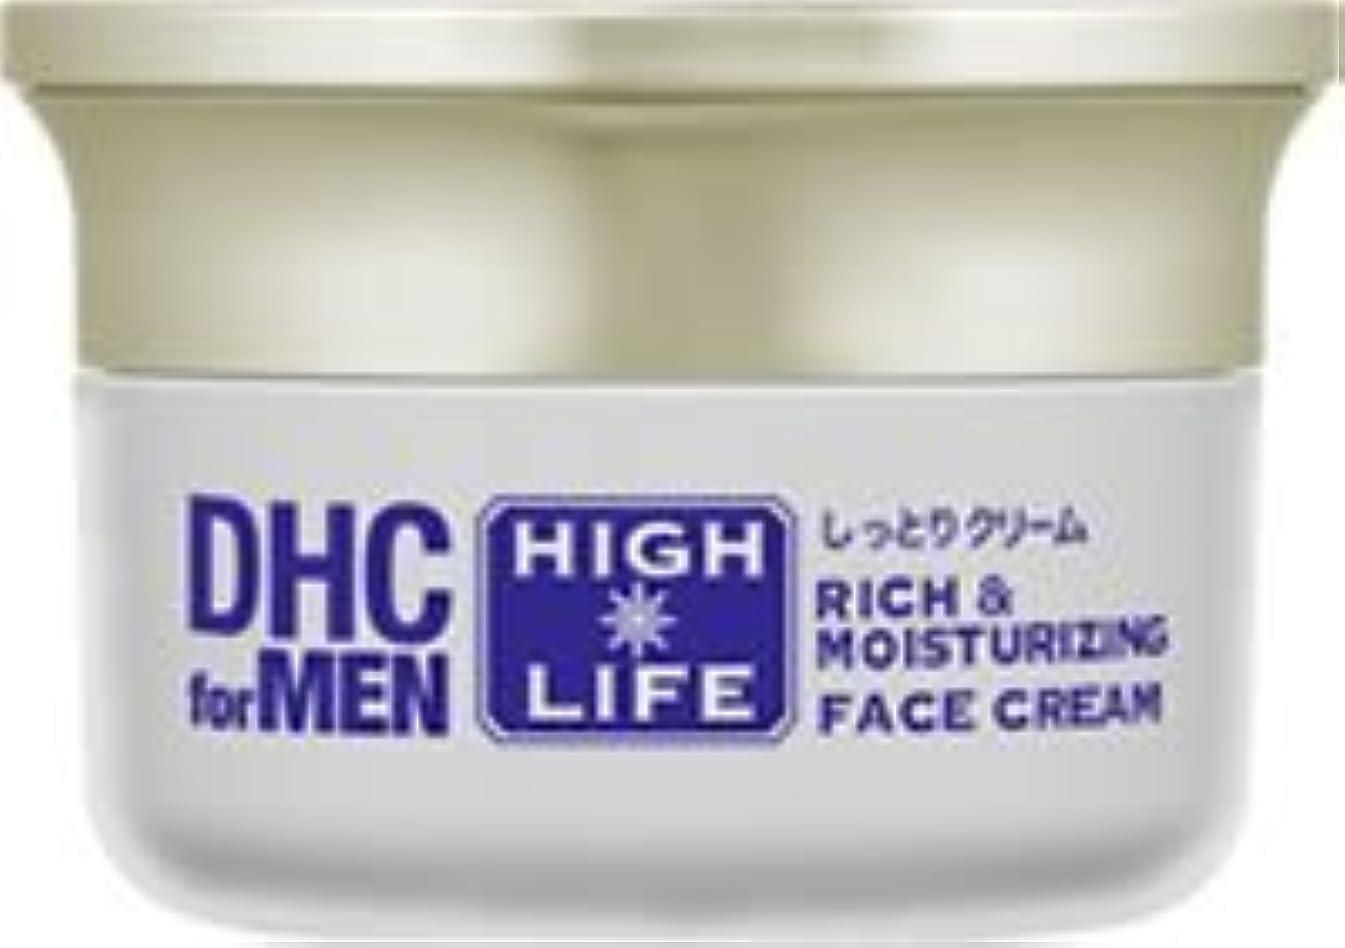 カナダ彼オーストラリア人DHCリッチ&モイスチュア フェースクリーム【DHC for MEN ハイライフ】